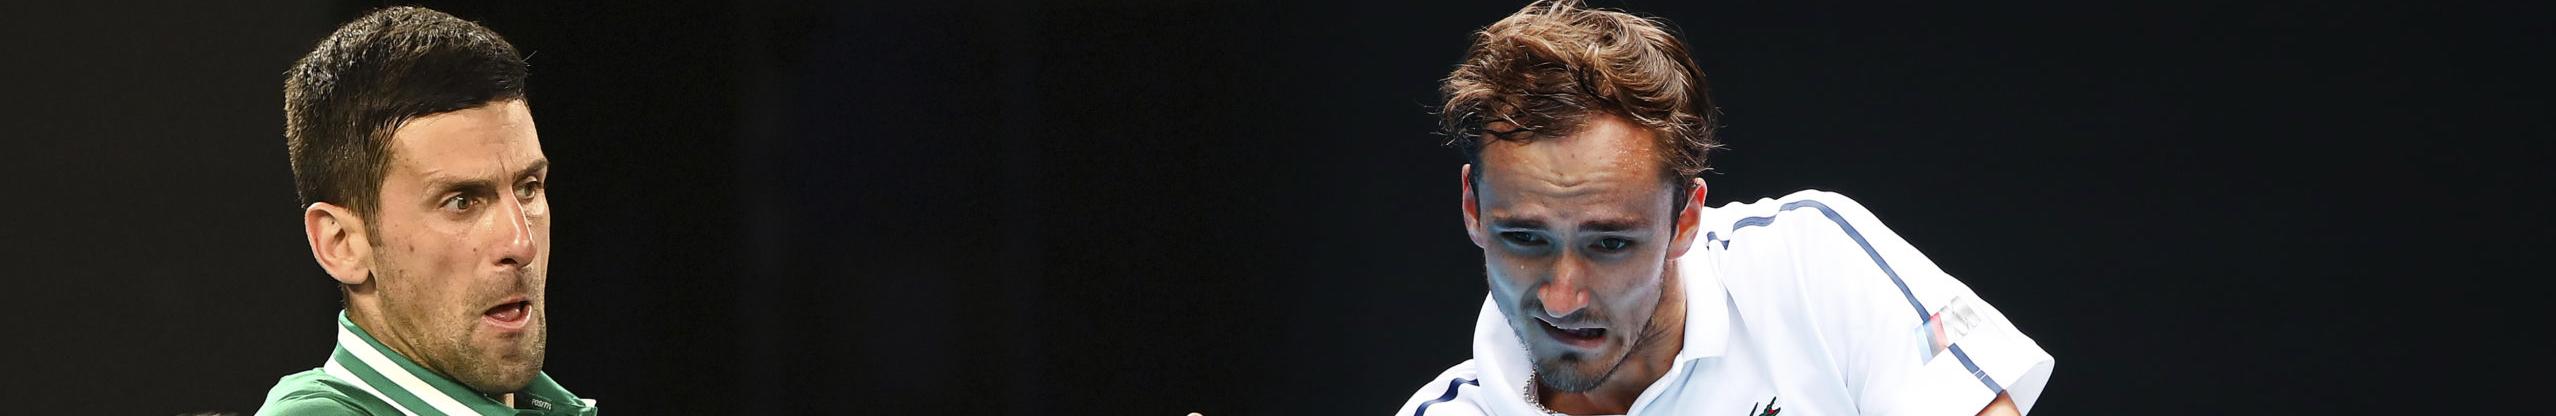 Τζόκοβιτς vs Μεντβέντεφ: Ώρα τίτλου στο Australian Open!